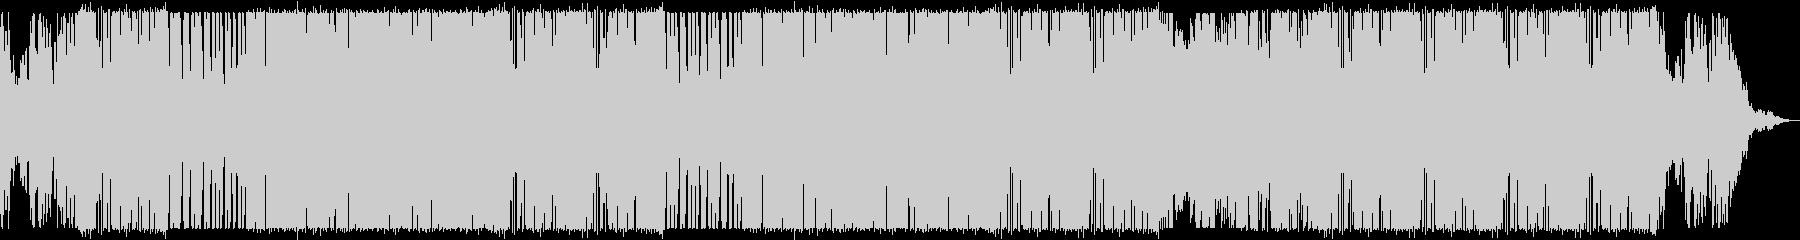 オールディーズなヒップホップビートの未再生の波形